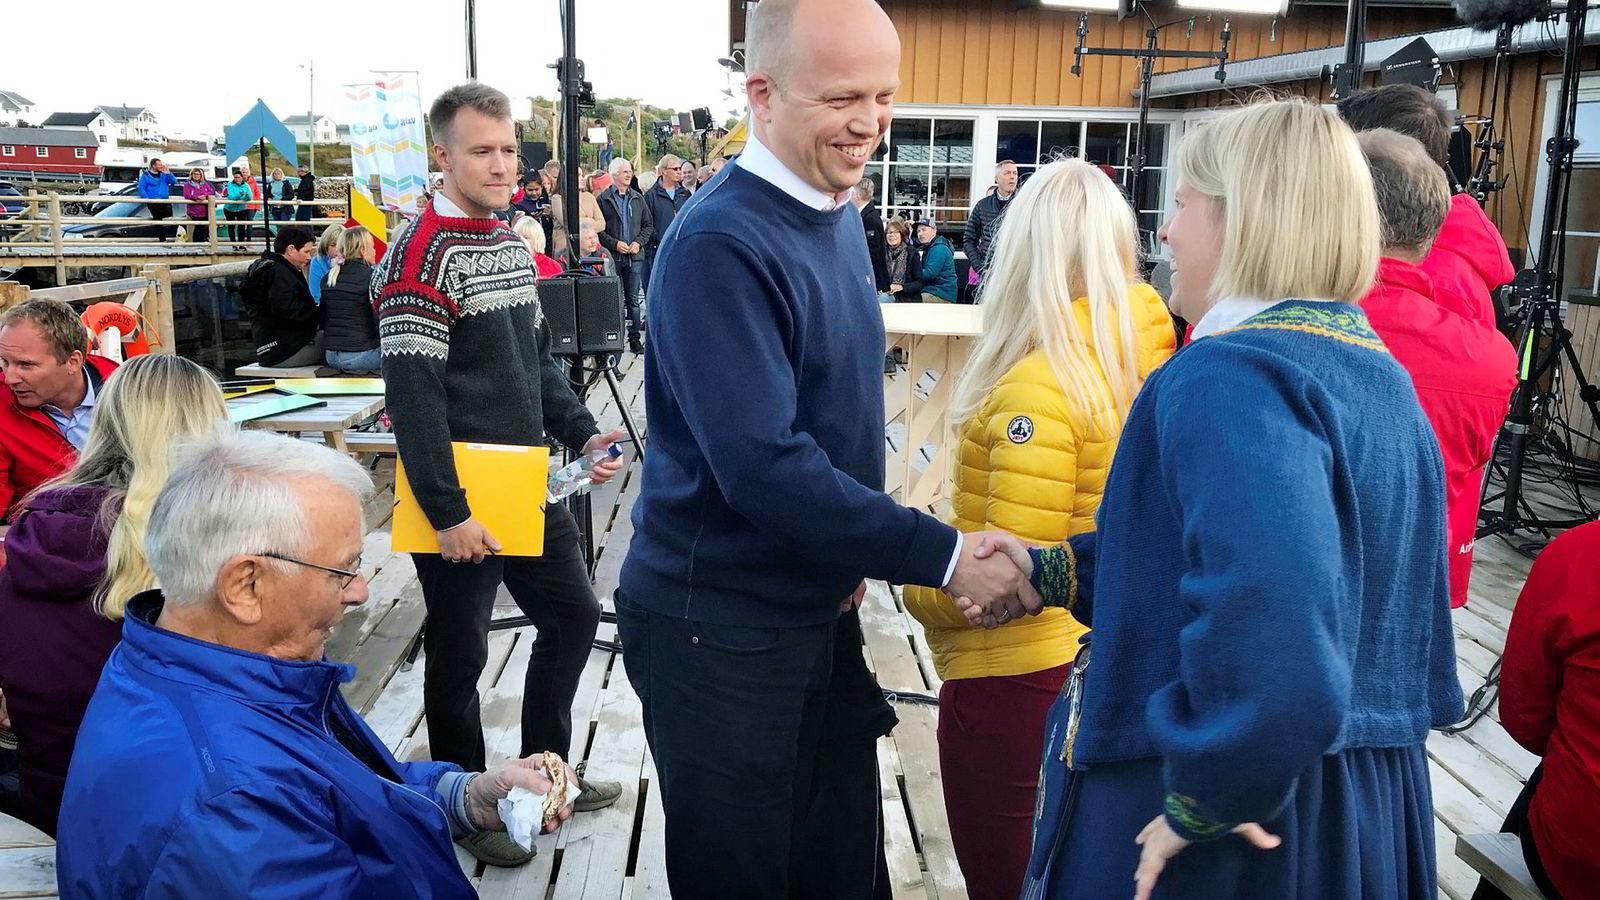 Torsdag kveld deltok Sp-leder Trygve Slagsvold Vedum på NRKs folkemøte fra Reine i Lofoten. Der hilste han på representanter for bunadsgeriljaen som kjemper for lokale fødetilbud. Til venstre står Vedums spinndoktor Lars Vangen.